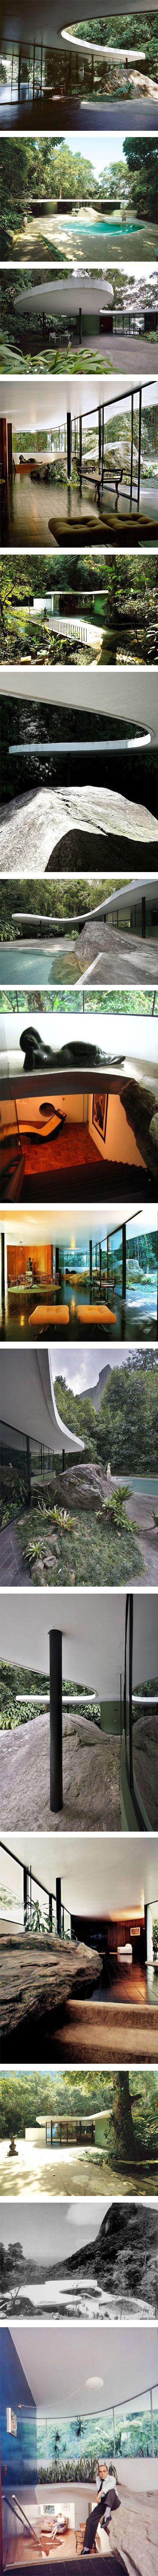 """Oscar Niemeyer's family home 'Casa Das Canoas"""" via Nuji.com"""